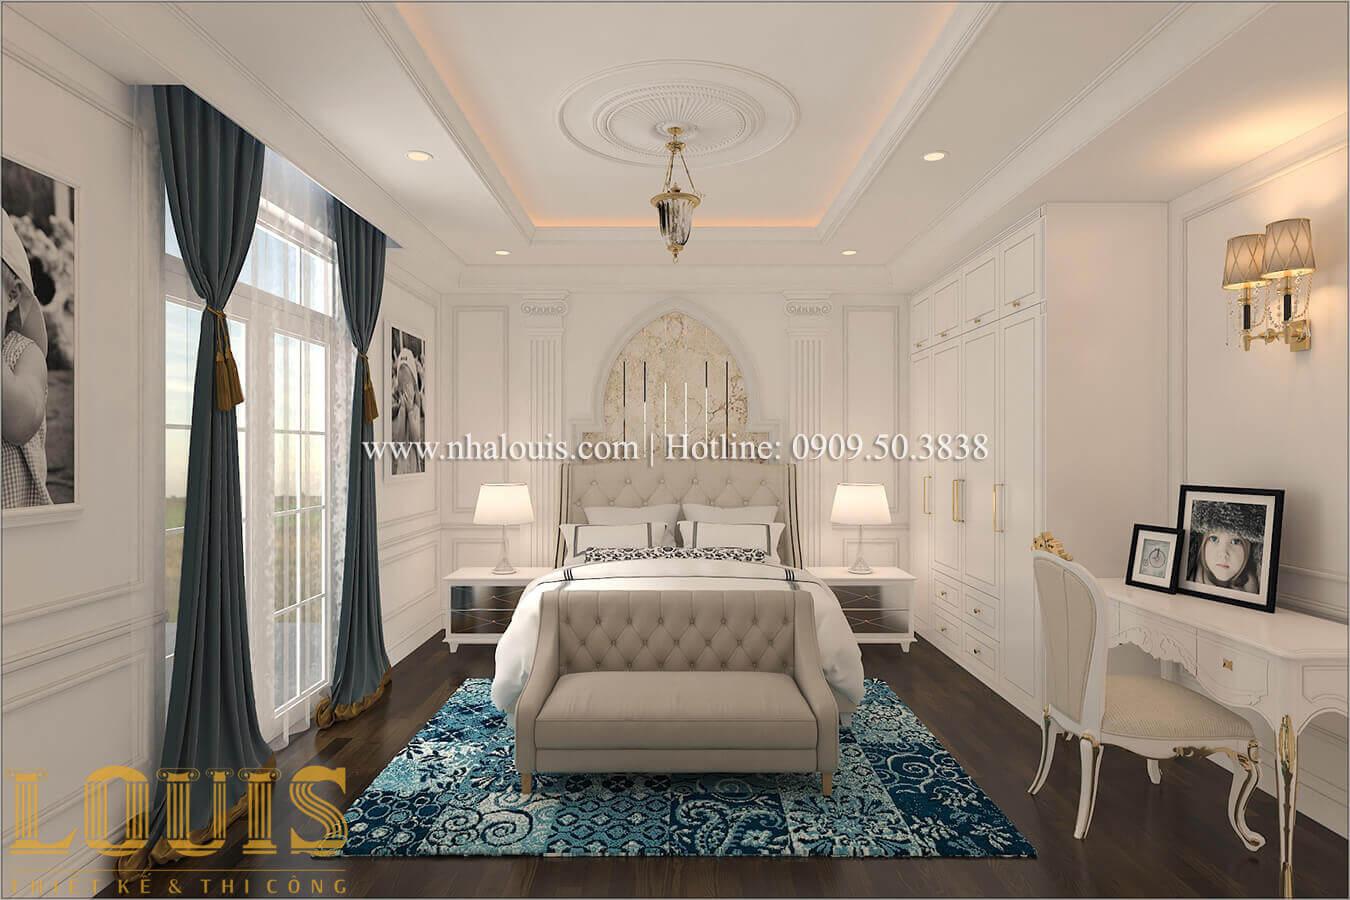 Phòng ngủ Biệt thự lâu đài kiểu Pháp quyền quý và đẳng cấp tại Khánh Hòa